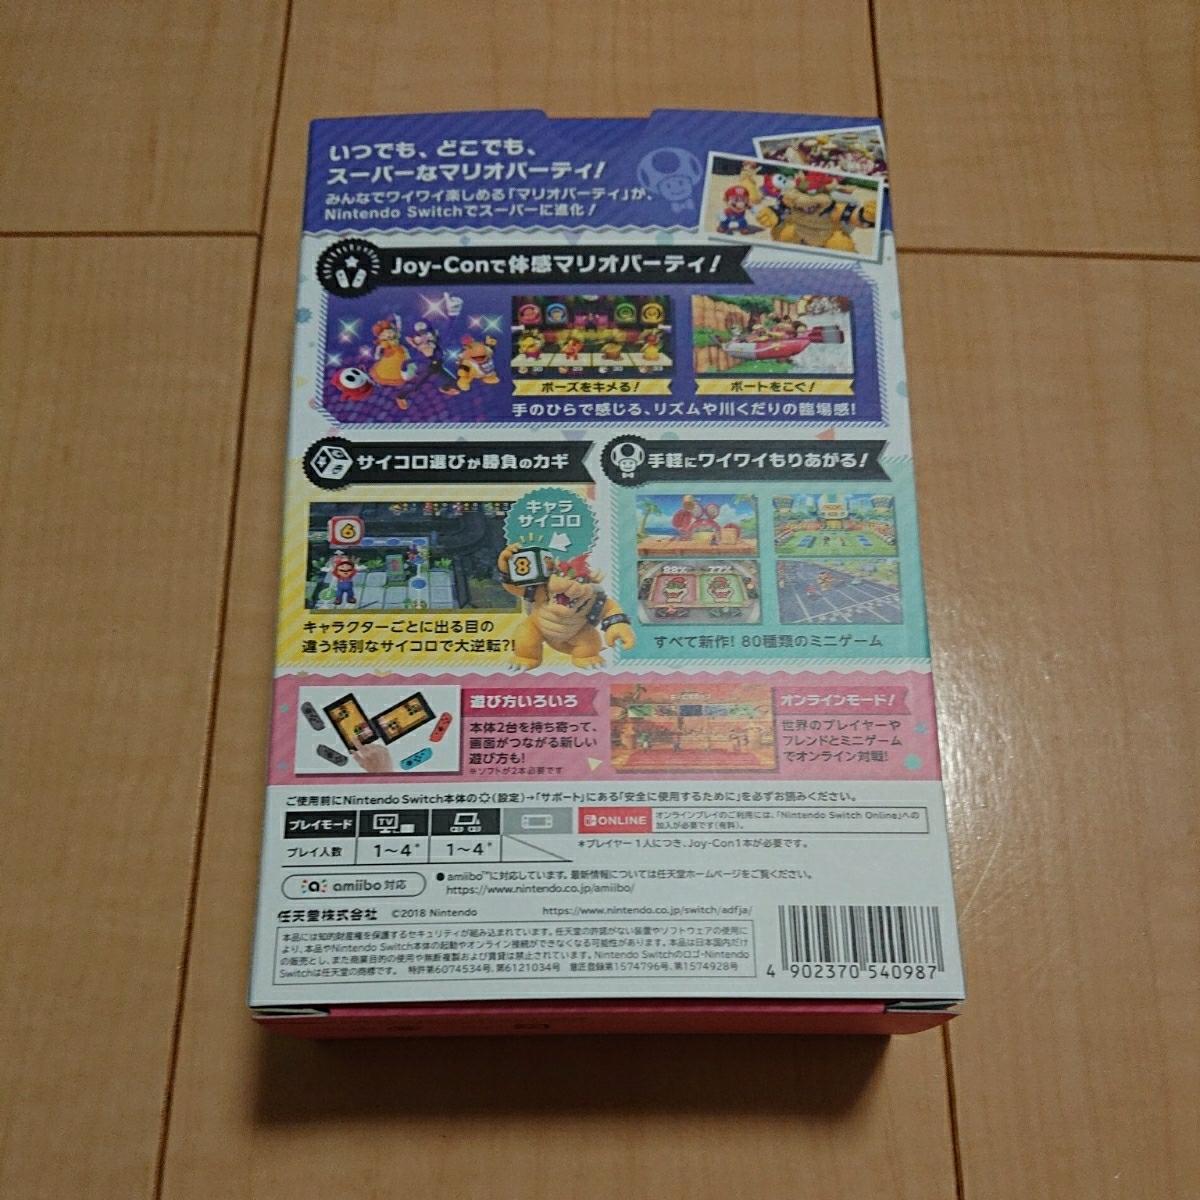 ②新品未開封 送料無料 スーパーマリオパーティー 4人であそべるjoy-conセット ニンテンドースイッチ _画像2